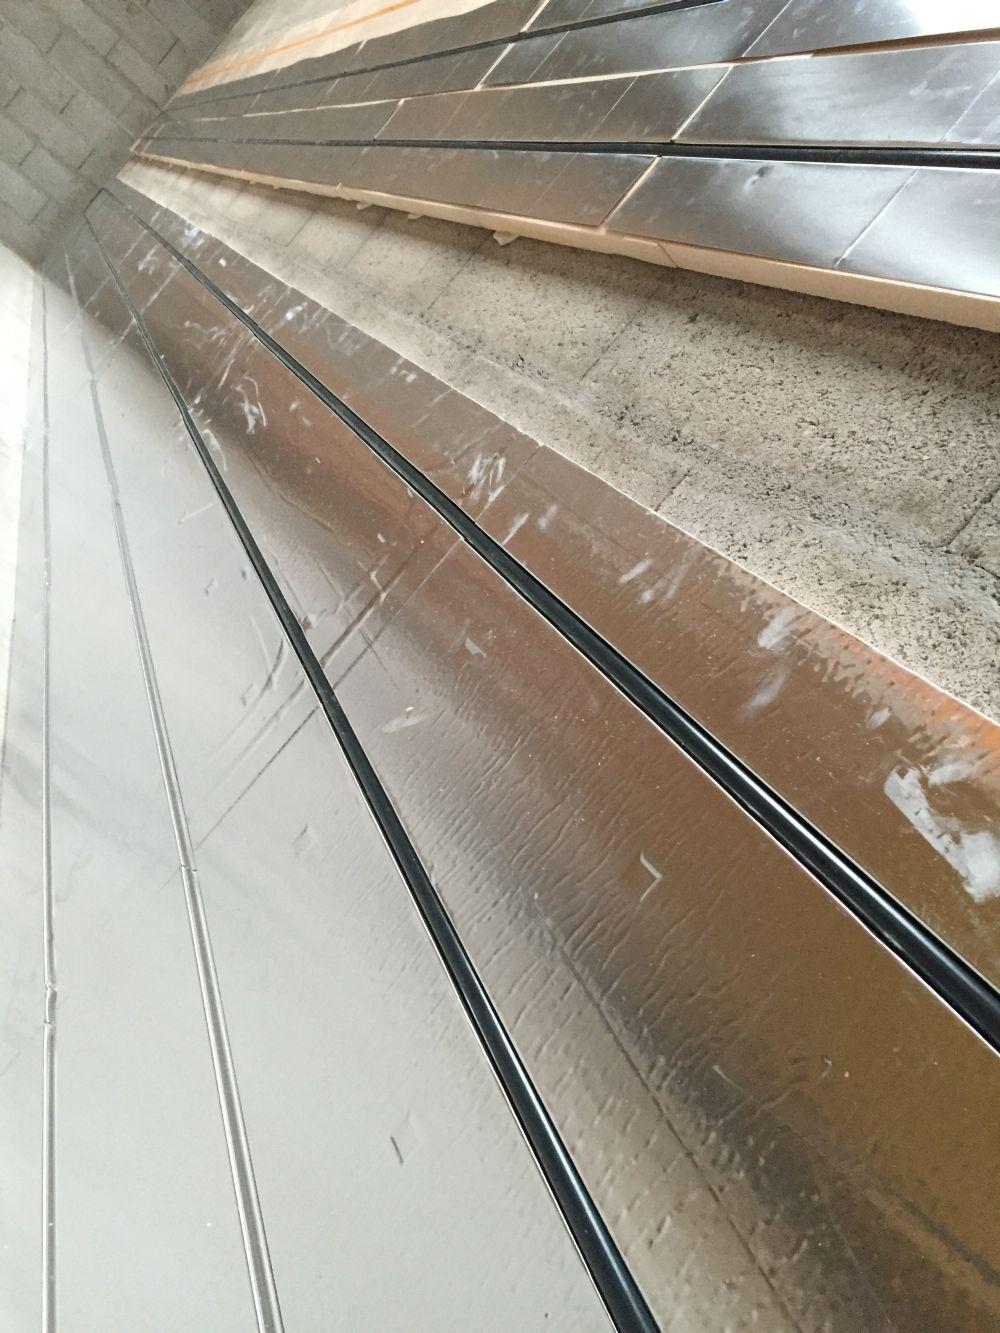 banc de test pour tuyau R978 giacomini de plancher chauffant